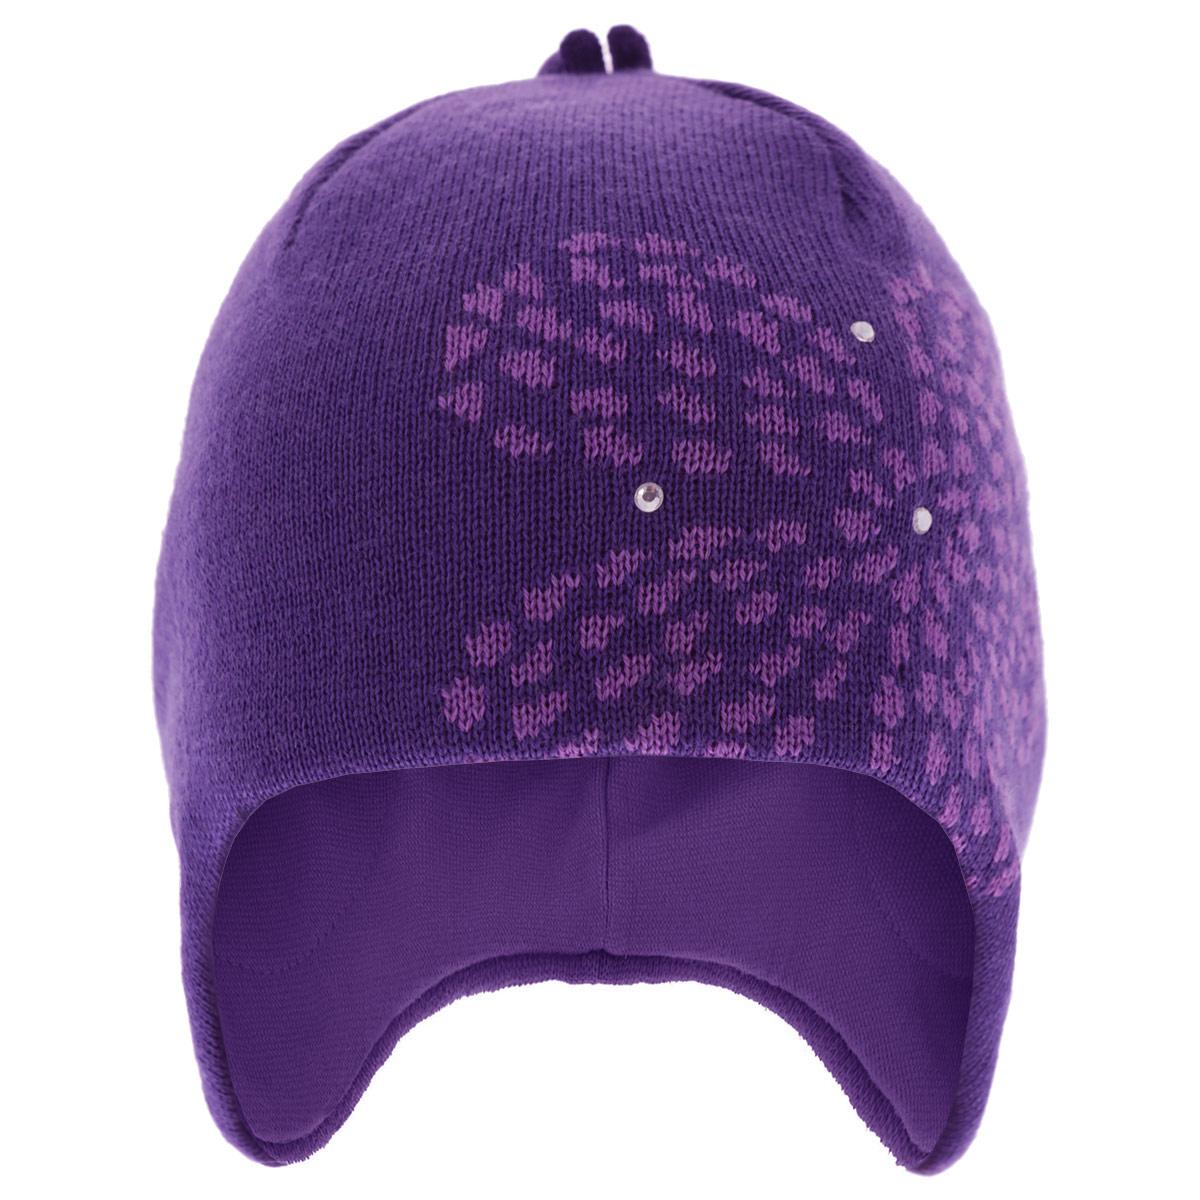 528424-100Стильная теплая детская шапка Reima Laughter идеально подойдет для прогулок в холодное время года. Шапочка с ветрозащитными вставками в области ушей, выполненная из натуральной шерстяной пряжи, максимально сохраняет тепло, она мягкая и идеально прилегает к голове. Шерсть хорошо тянется и устойчива к сминанию. Мягкая подкладка выполнена из эластичного хлопка, поэтому шапка хорошо сохраняет тепло, позволяет коже дышать и обладает отличной гигроскопичностью. Шапка оформлена стилизованным изображением цветка и тремя блестящими стразами. Такая шапка станет модным и стильным дополнением гардероба вашего малыша. Она поднимет ему настроение даже в самые морозные дни! Уважаемые клиенты! Размер, доступный для заказа, является обхватом головы.